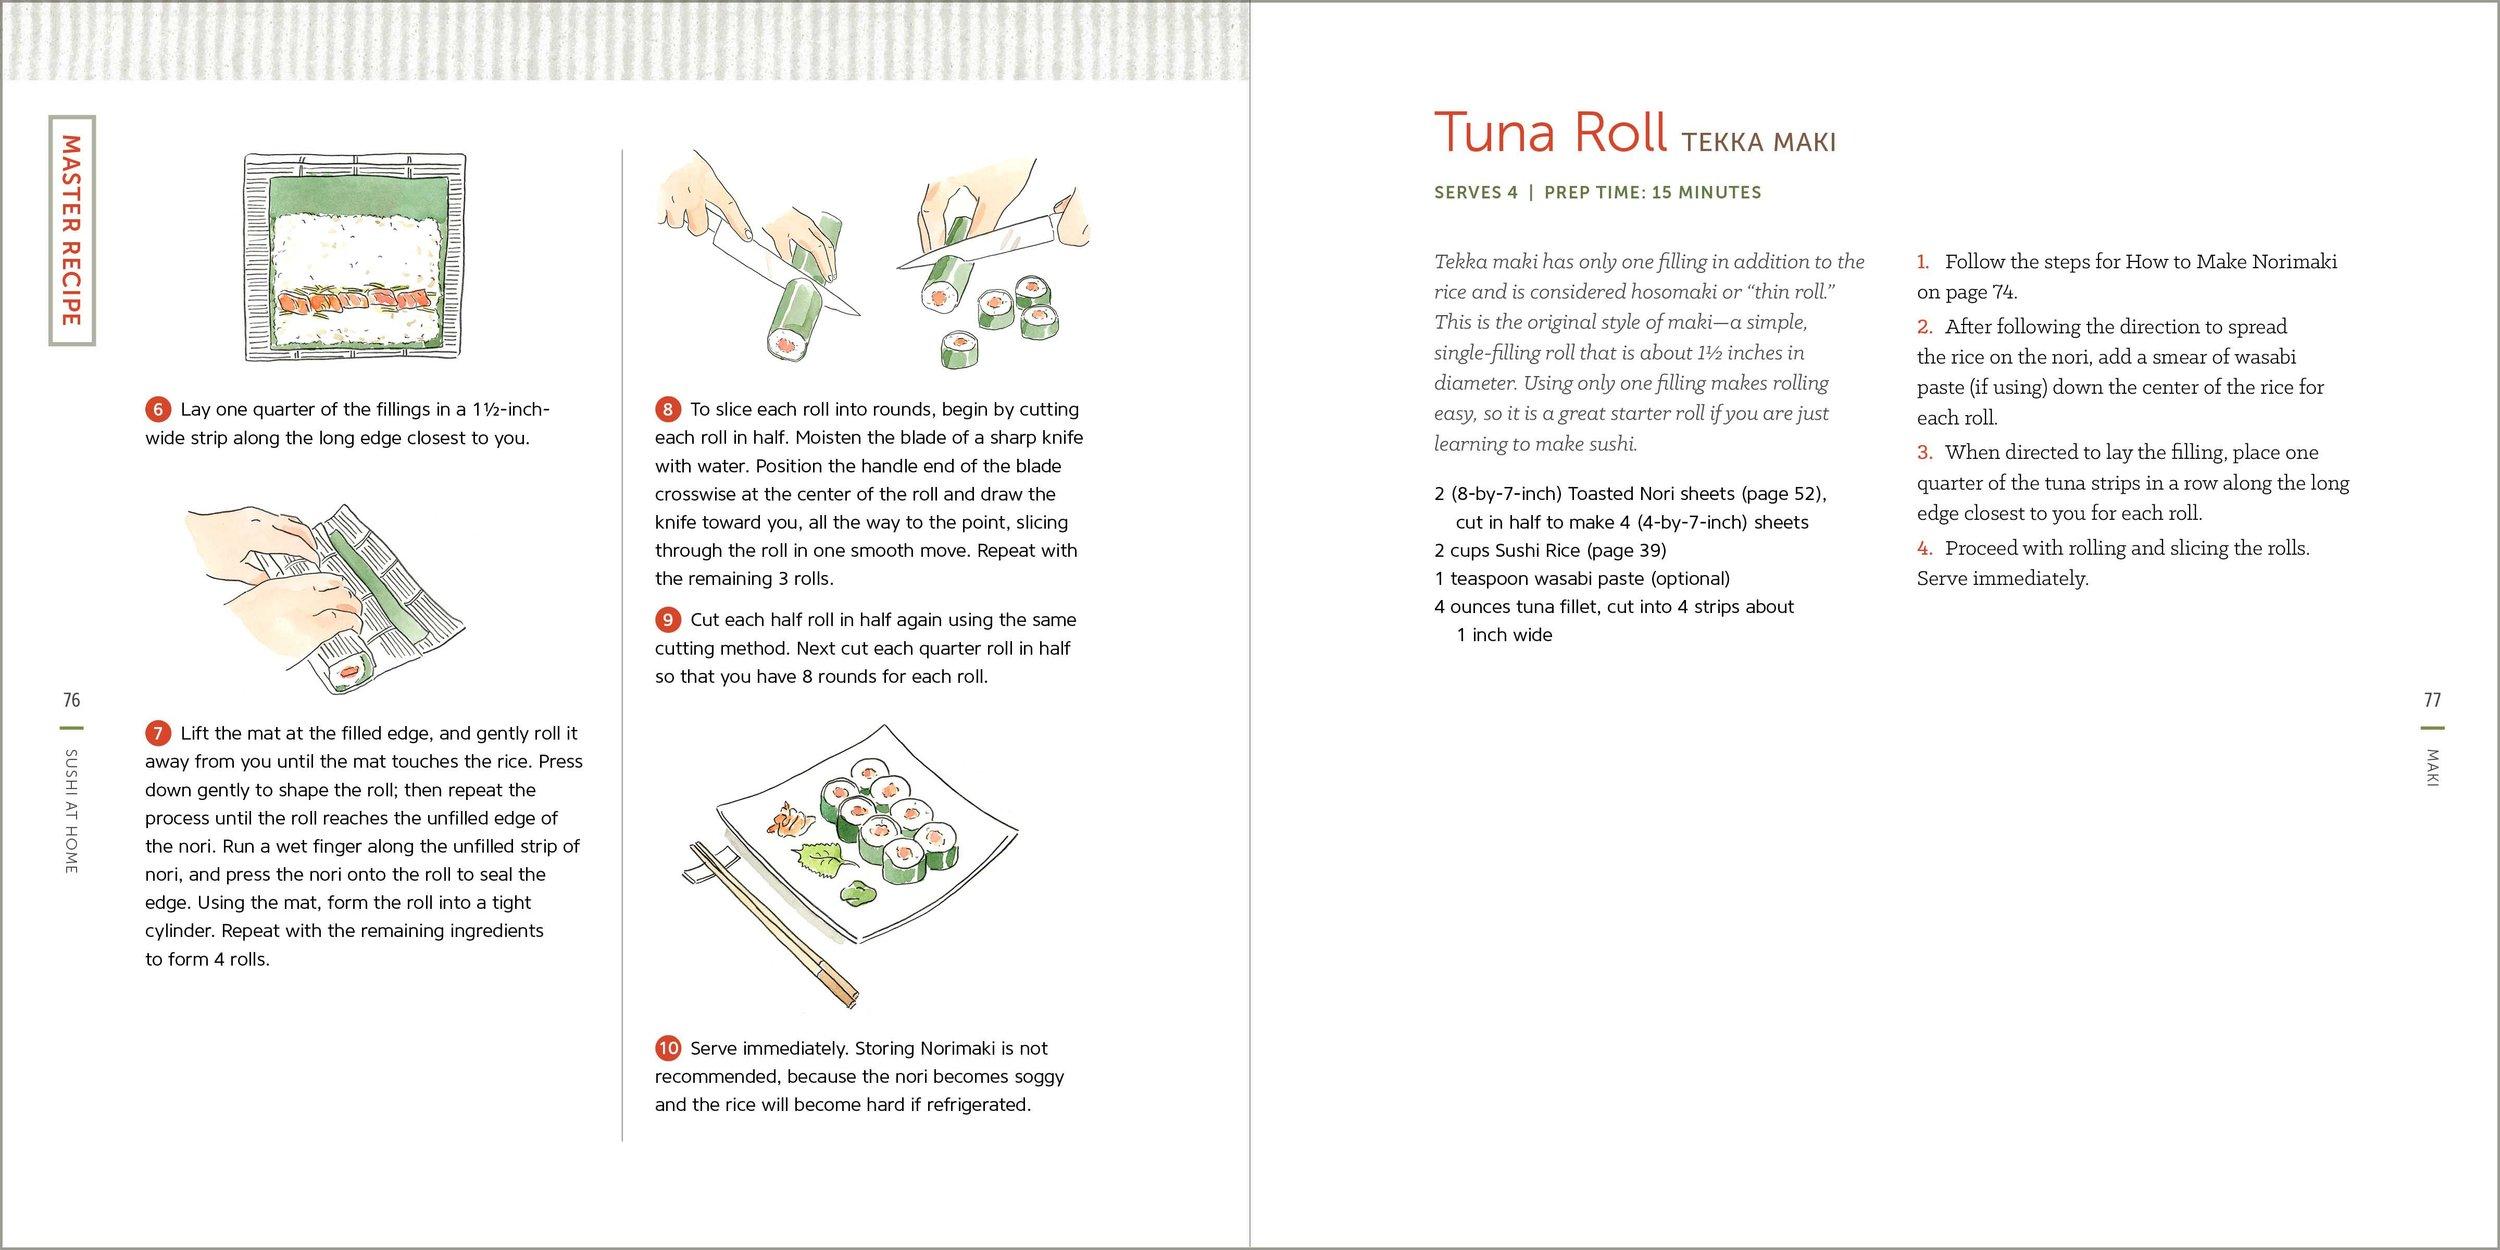 sushi-at-home-interior6.jpg